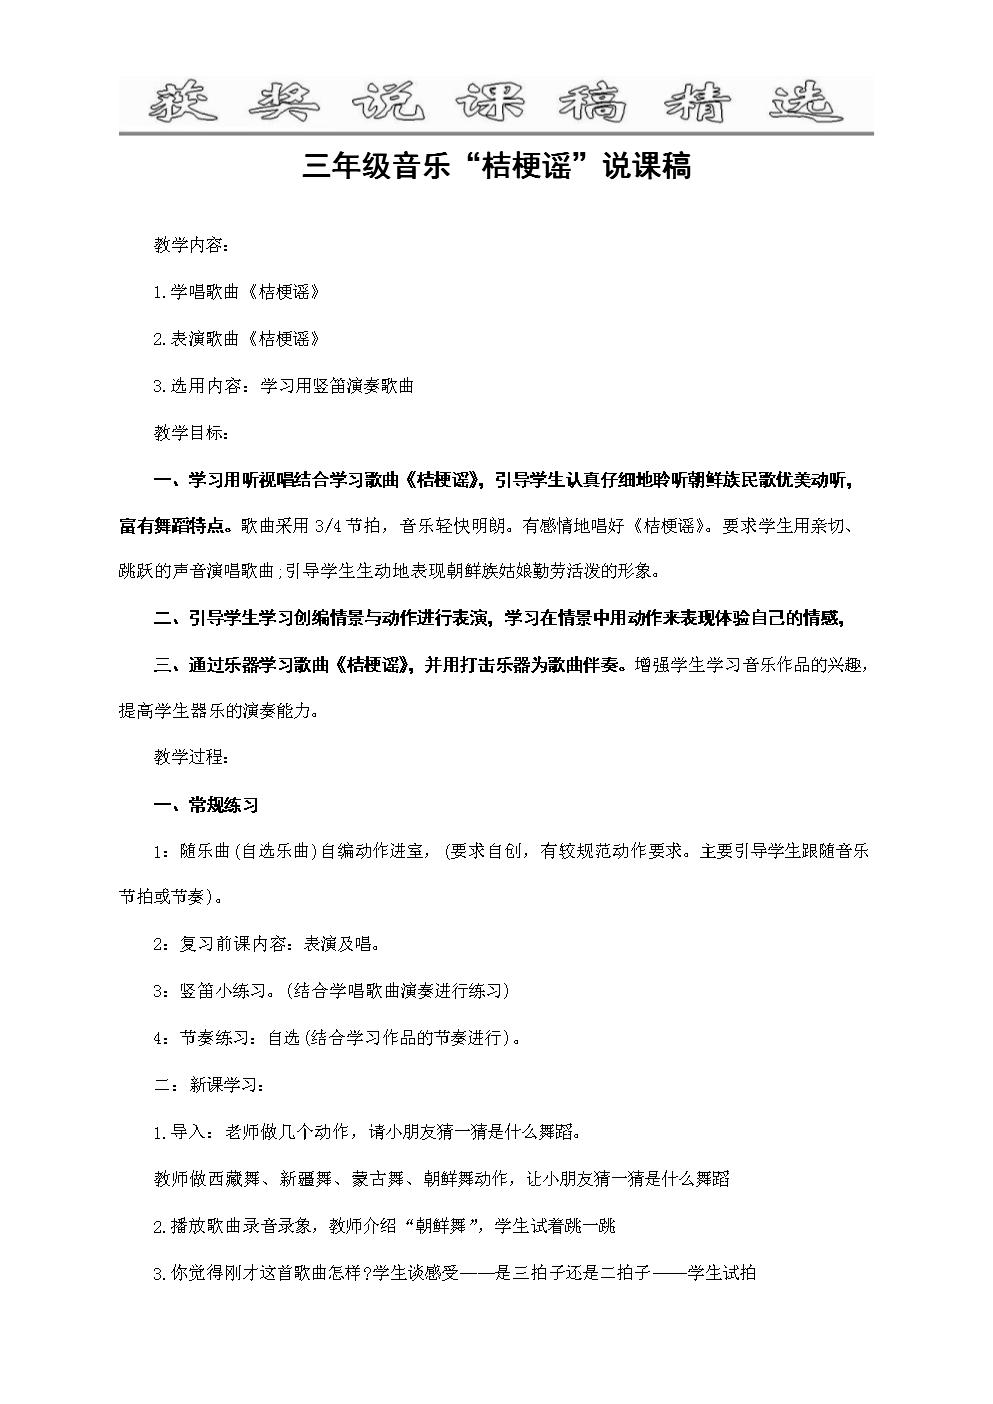 三年级音乐 桔梗谣 说课稿.doc